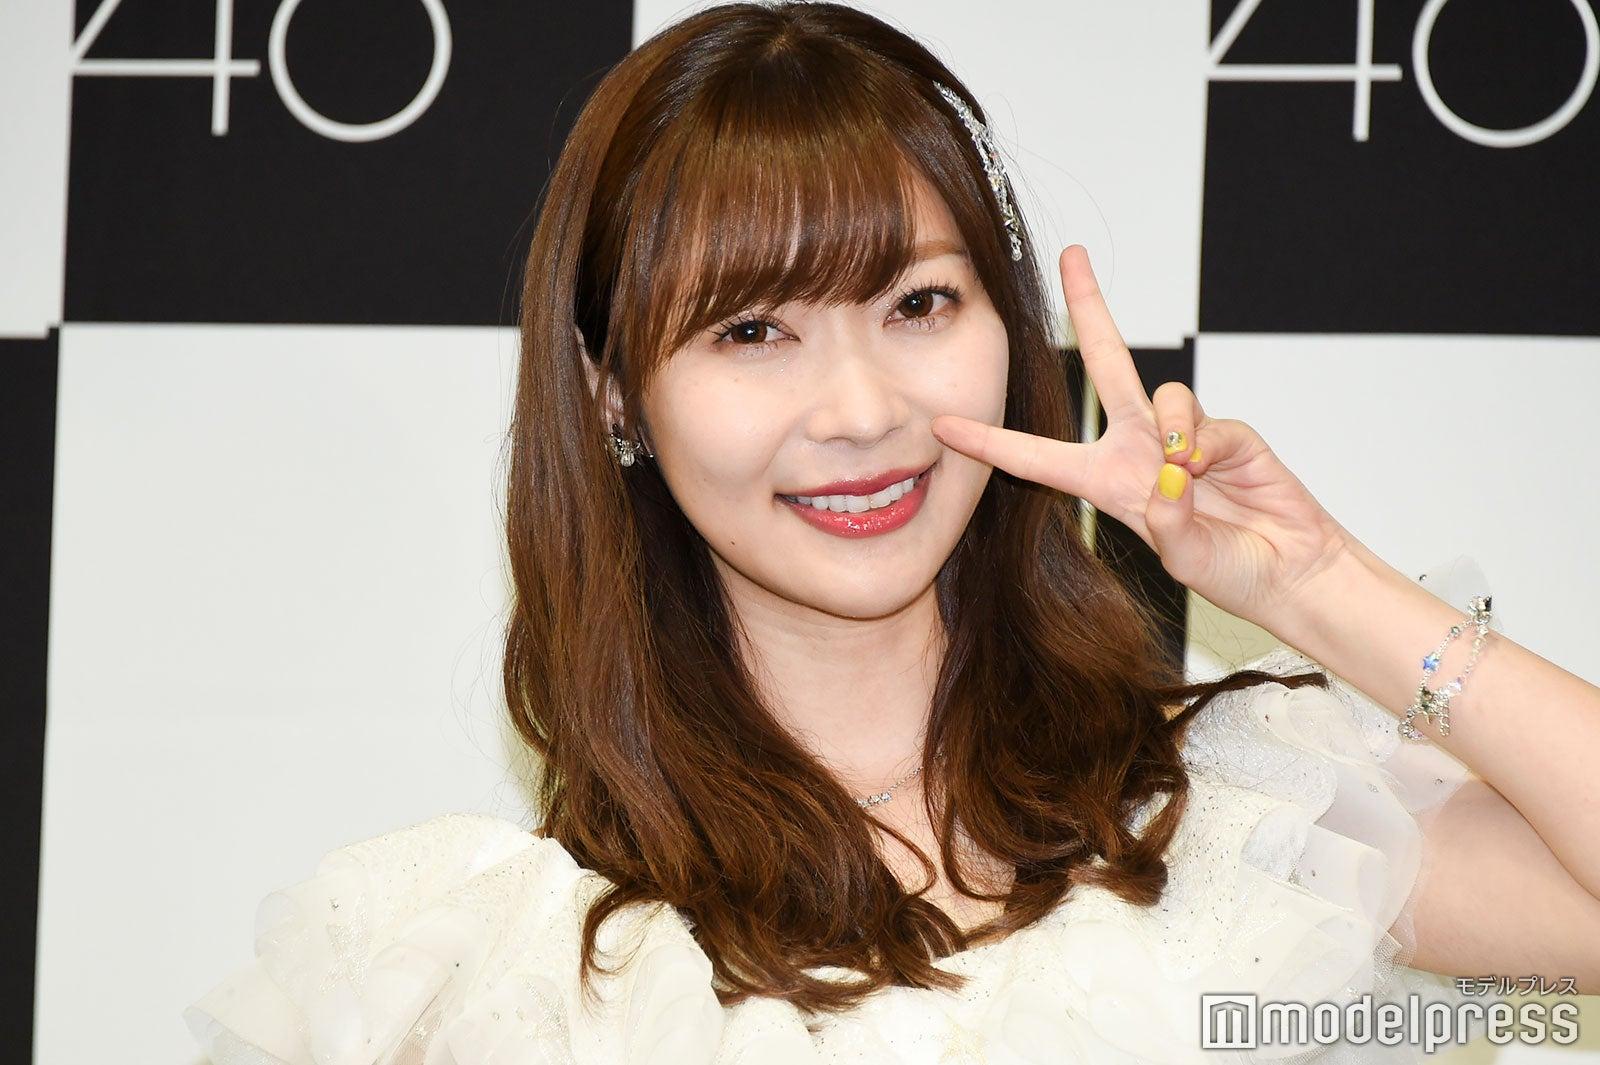 指原莉乃、AKB48矢作萌夏に\u201cクレーム\u201d「失礼です」 , モデルプレス